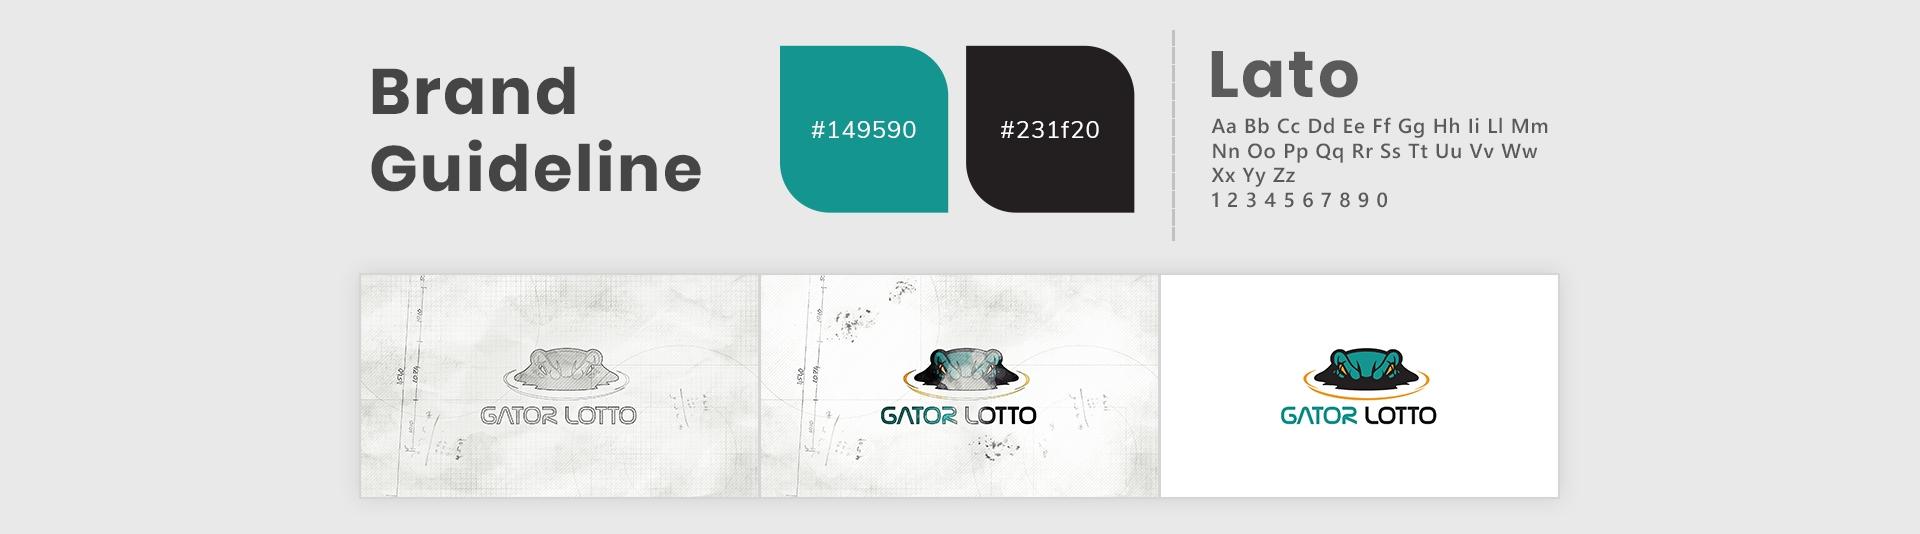 Gatorlotto Typography